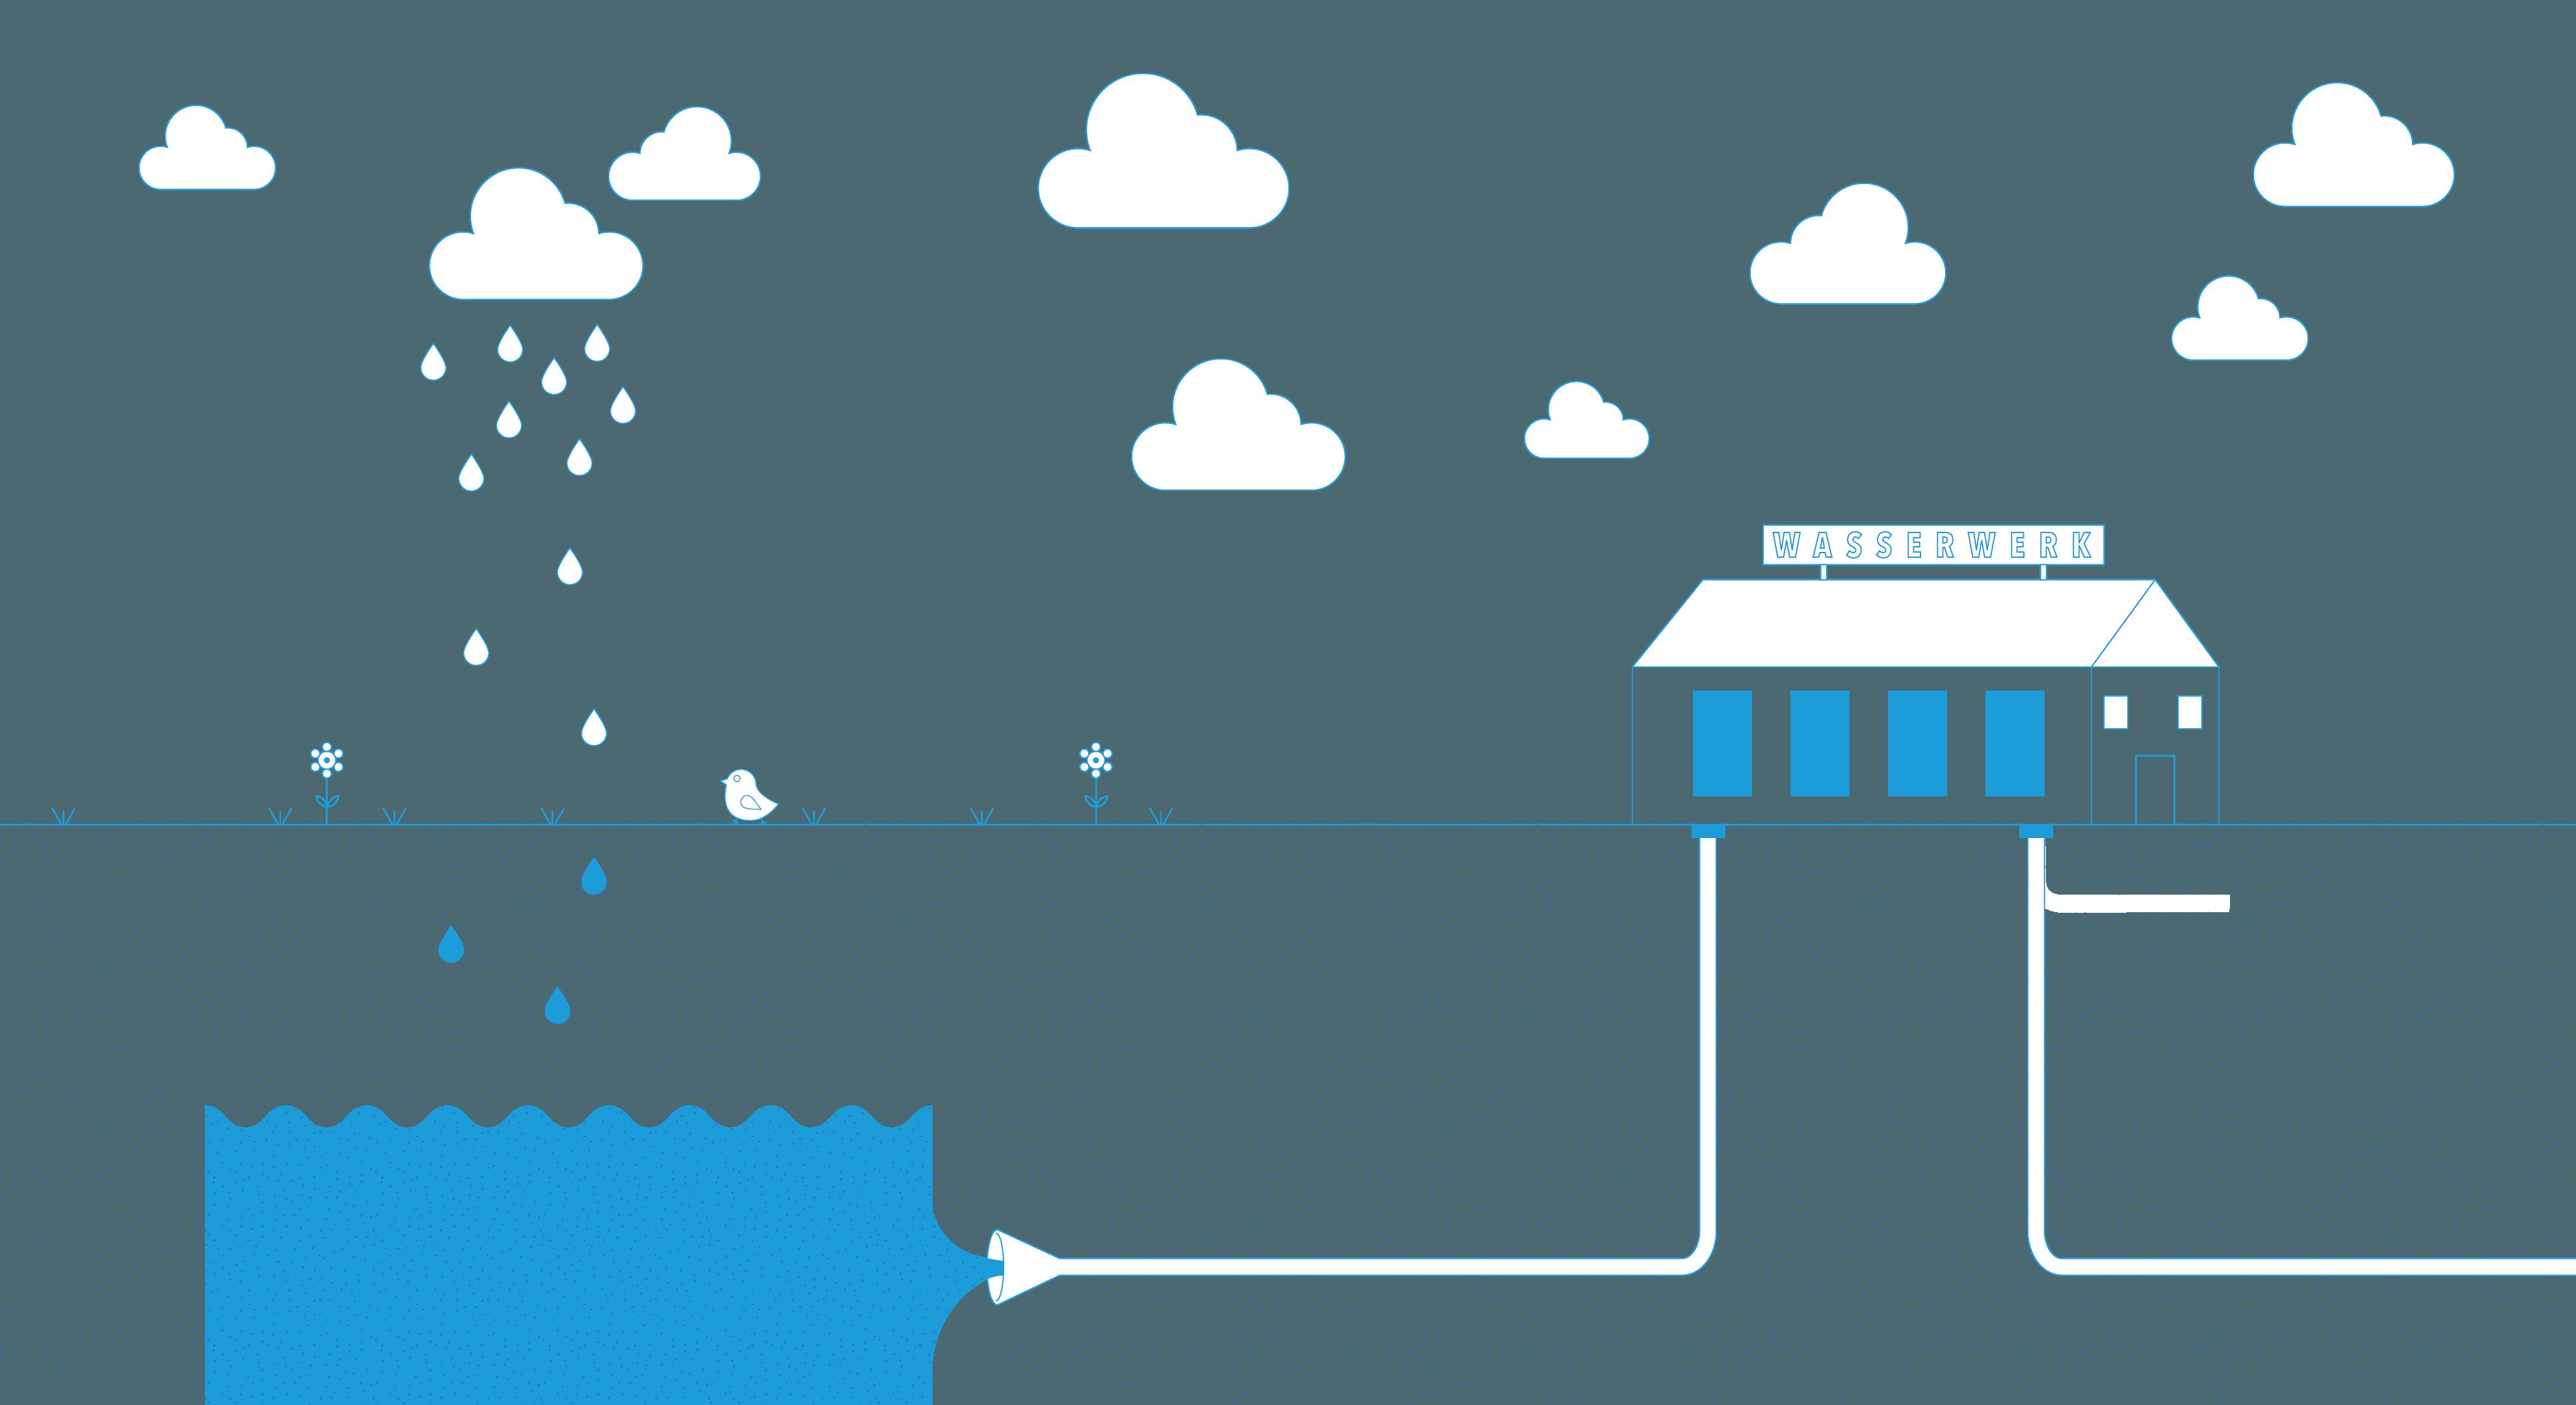 Eine Skizze des Wasserkreislaufs